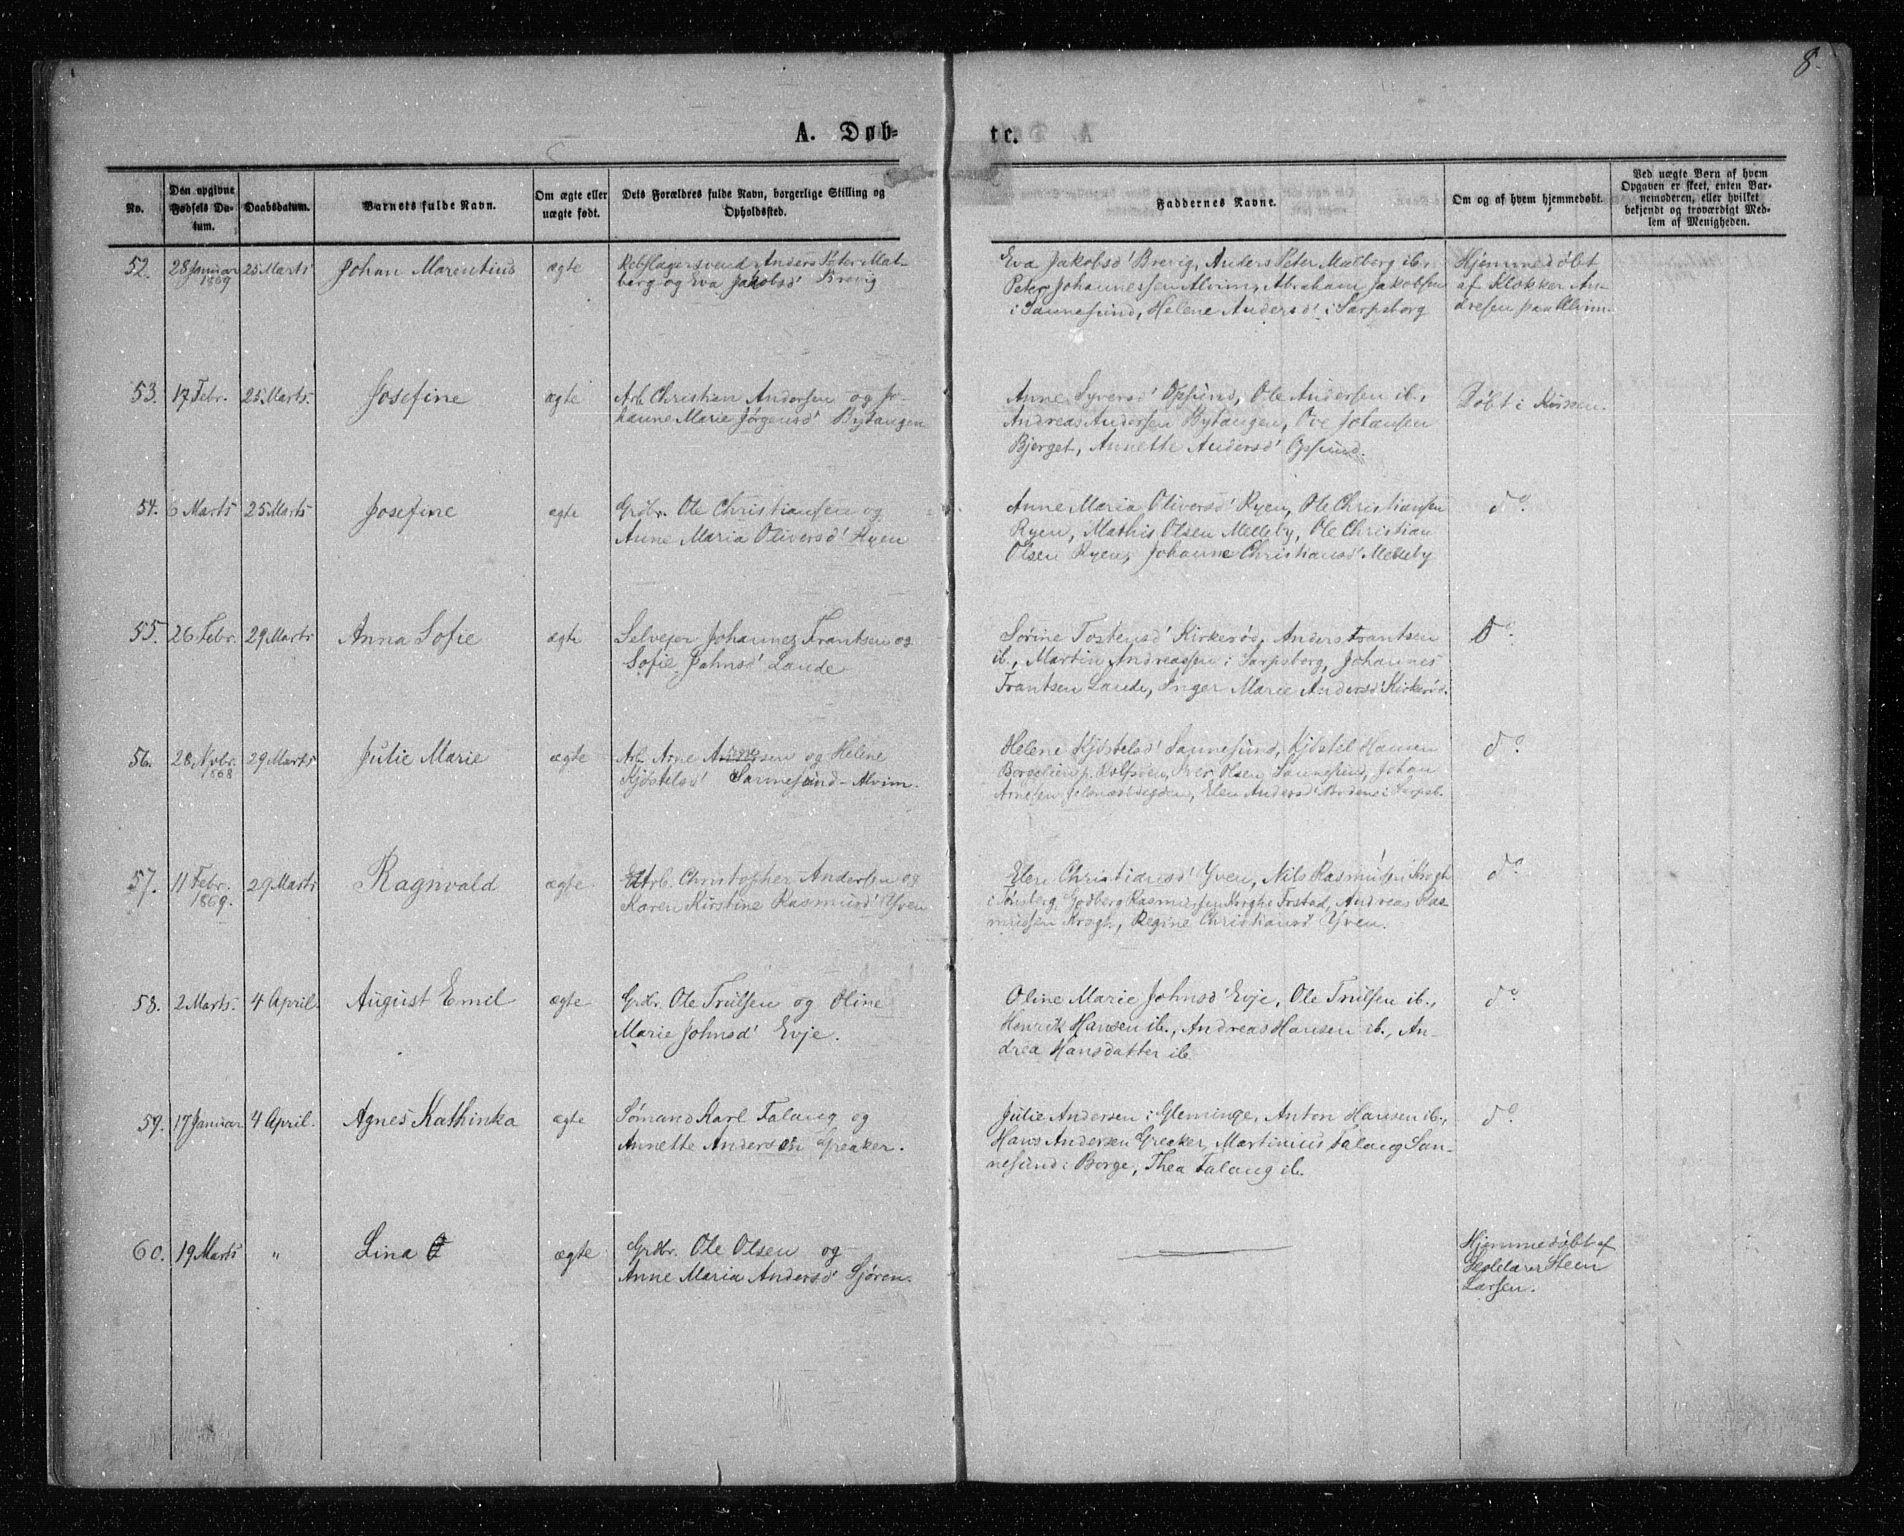 SAO, Tune prestekontor Kirkebøker, F/Fa/L0015: Ministerialbok nr. 15, 1869-1873, s. 8